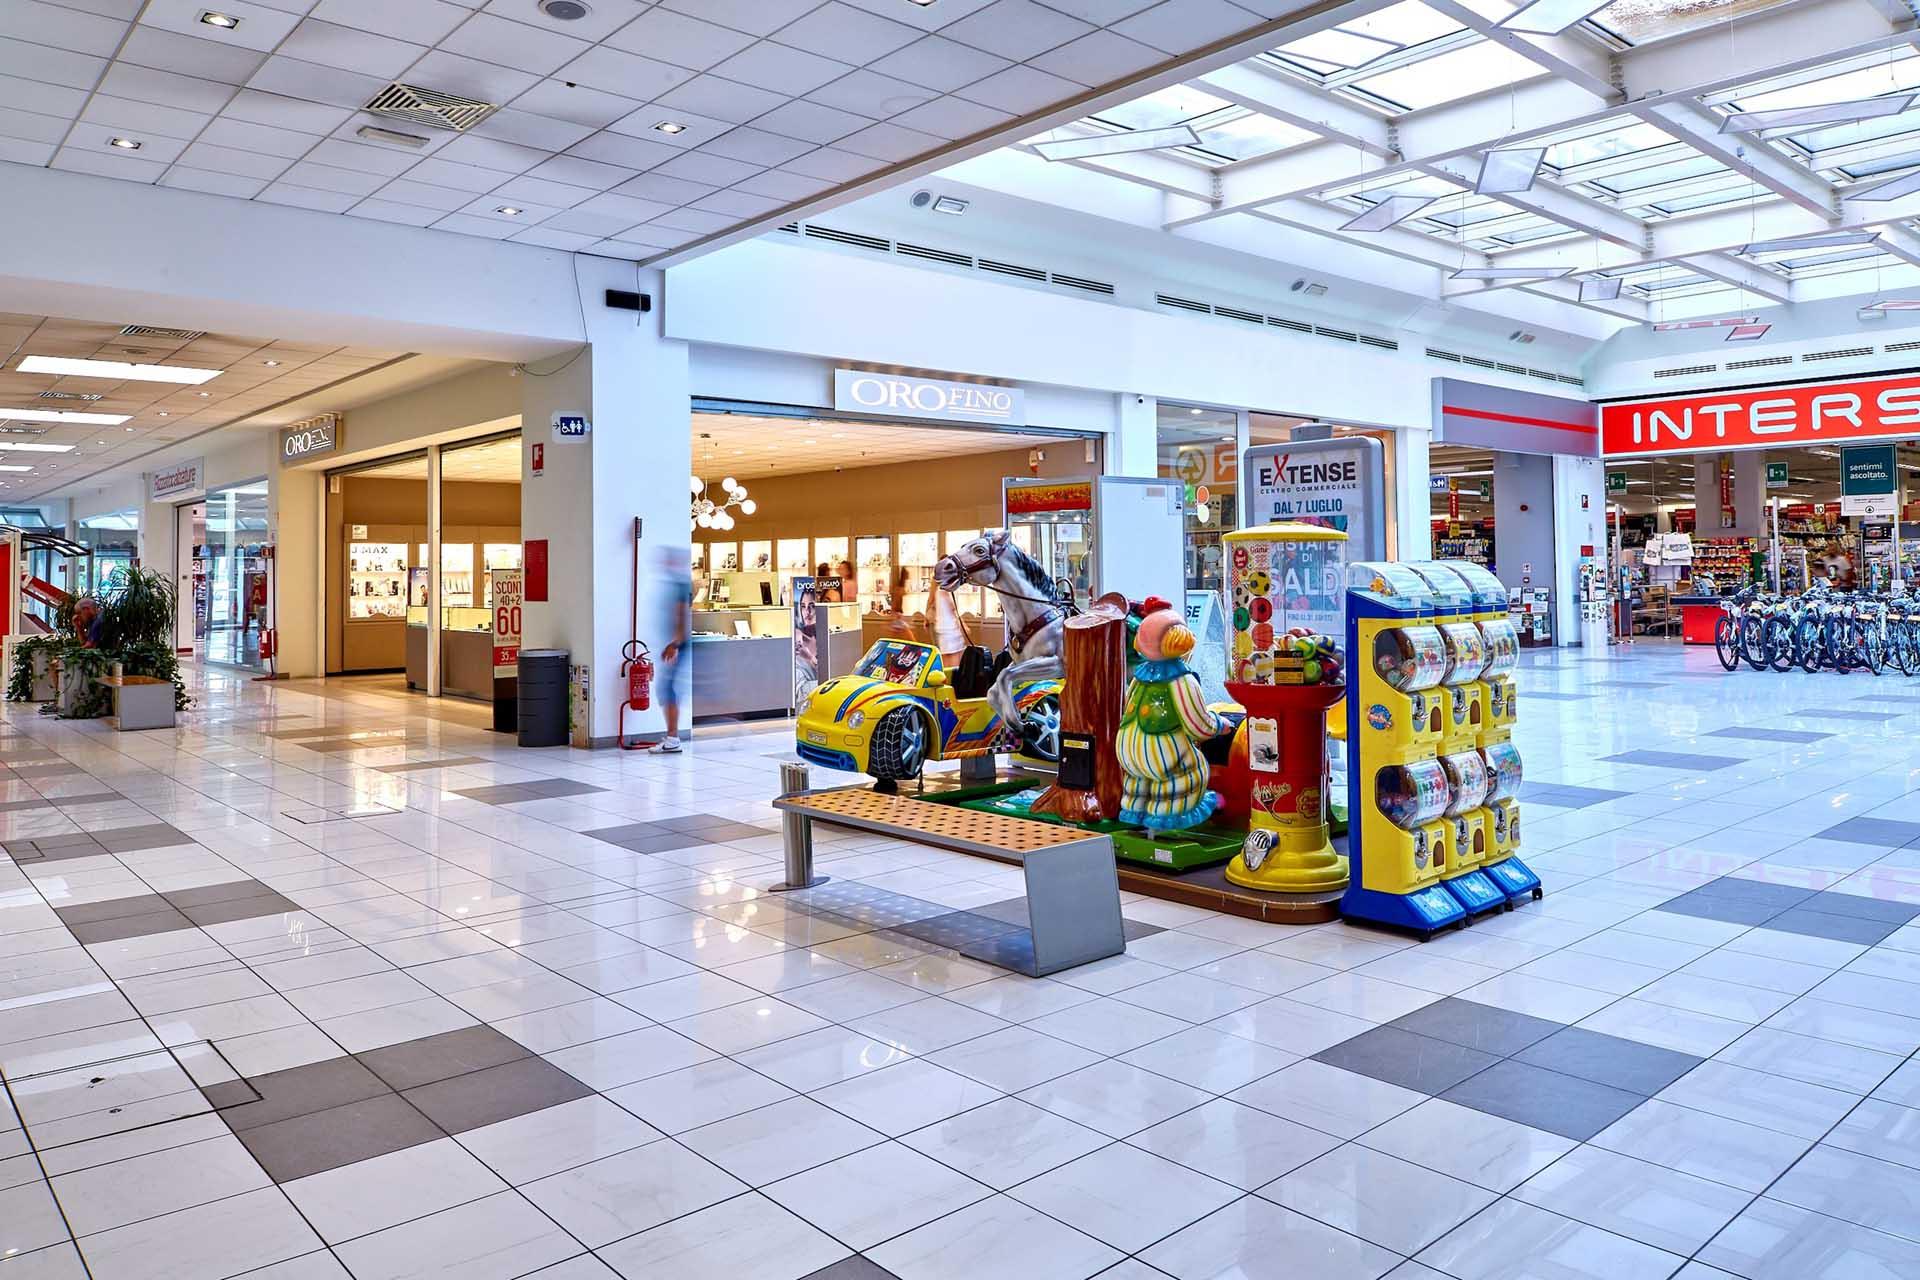 Interspar e Orofino al Centro Commerciale Extense